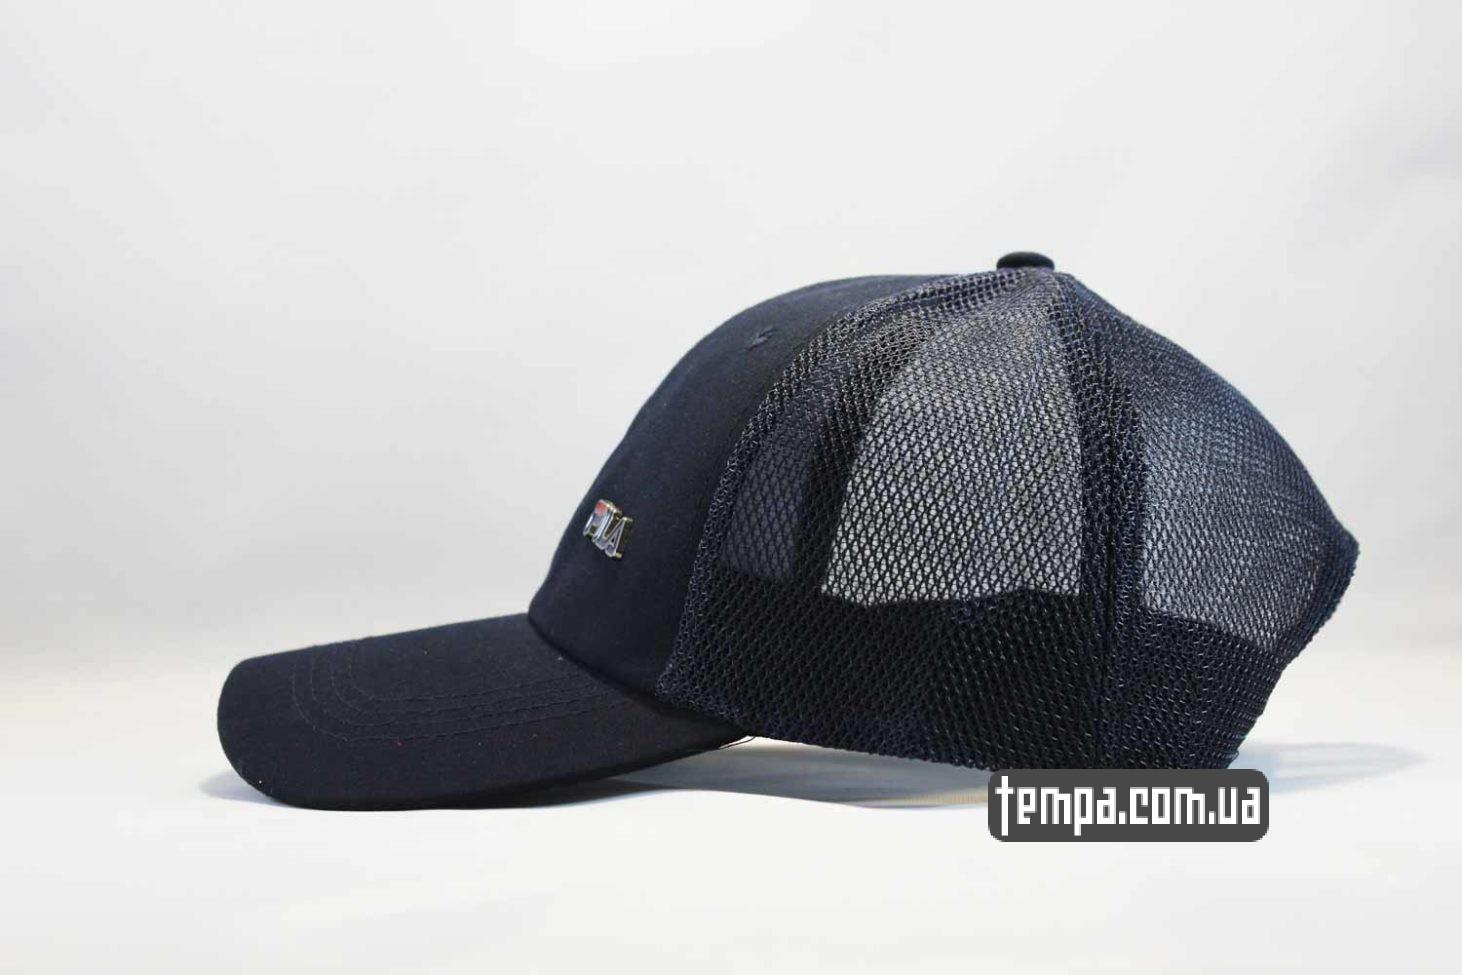 FILA украина купить кепка бейсболка fila синяя trucker с сеточкой